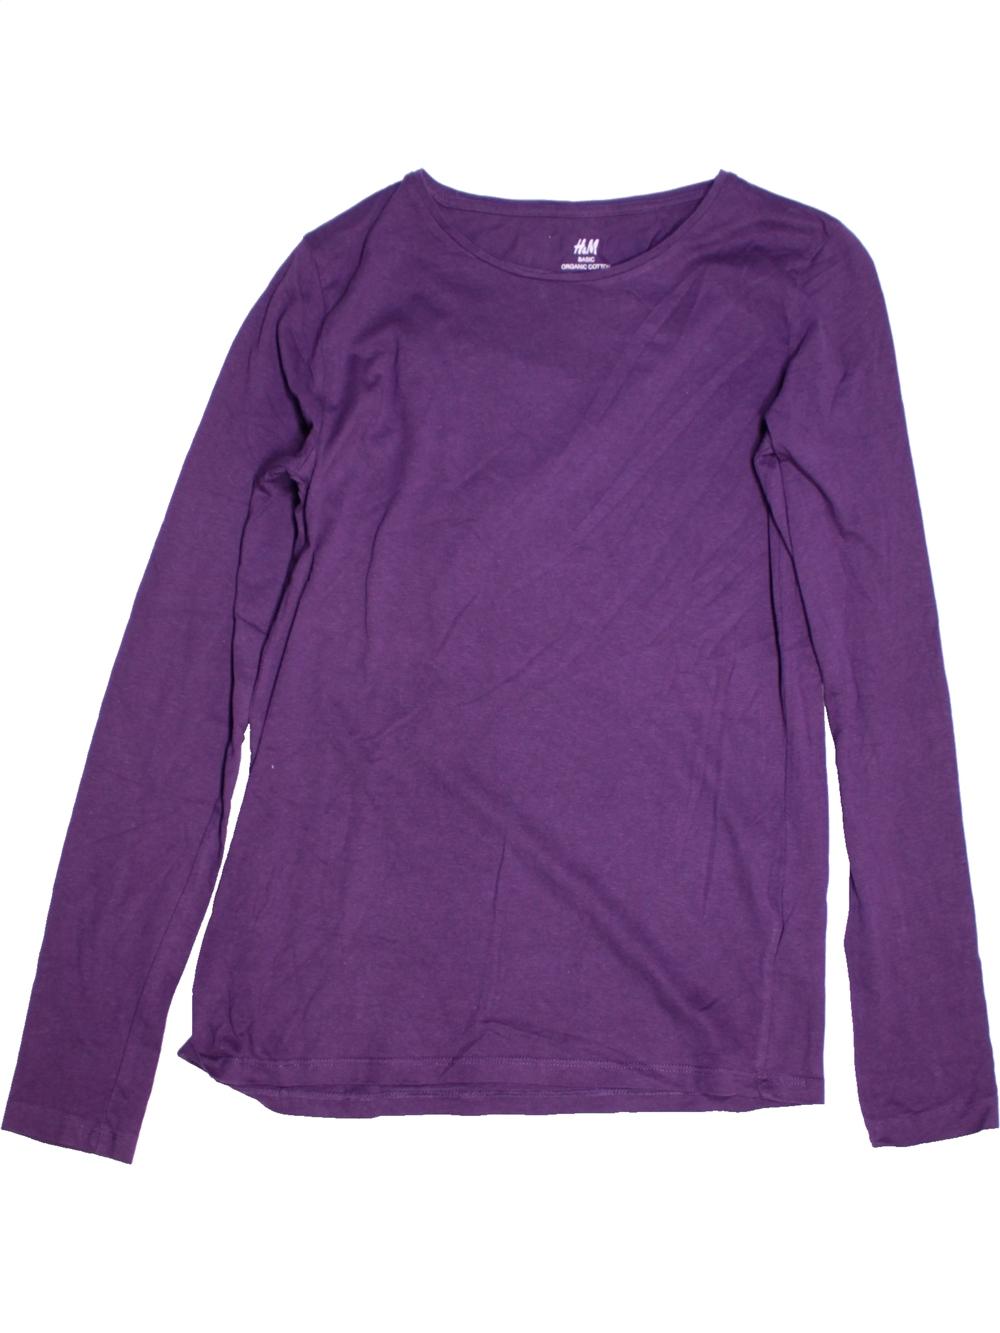 a443ac4a42e8e T-shirt manches longues violet H M du 14 ans pour Garcon - 1183056